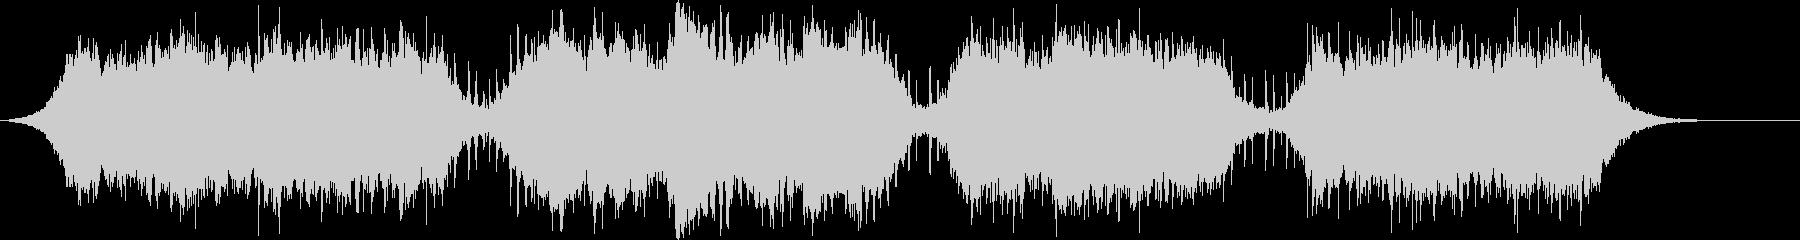 アンビエントなパッド系BGM(シンプル)の未再生の波形